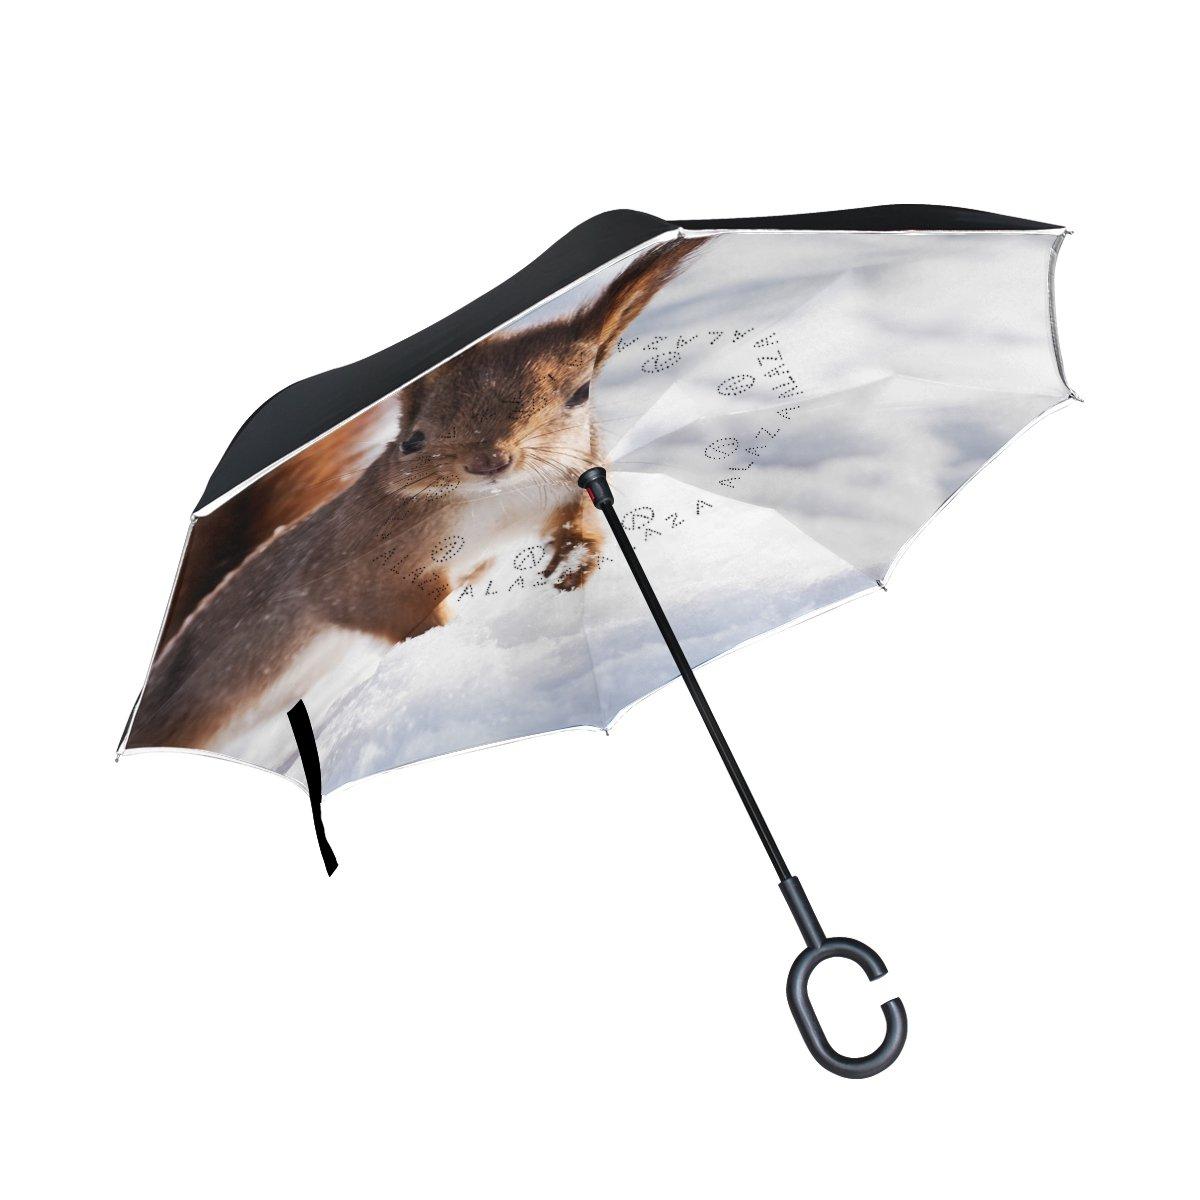 TIZORAX écureuil dans une Jump Snow inversé double couche droites parapluies sur l'envers réversible Parapluie avec poignée en forme de C pour la pluie Soleil de voiture Utilisation